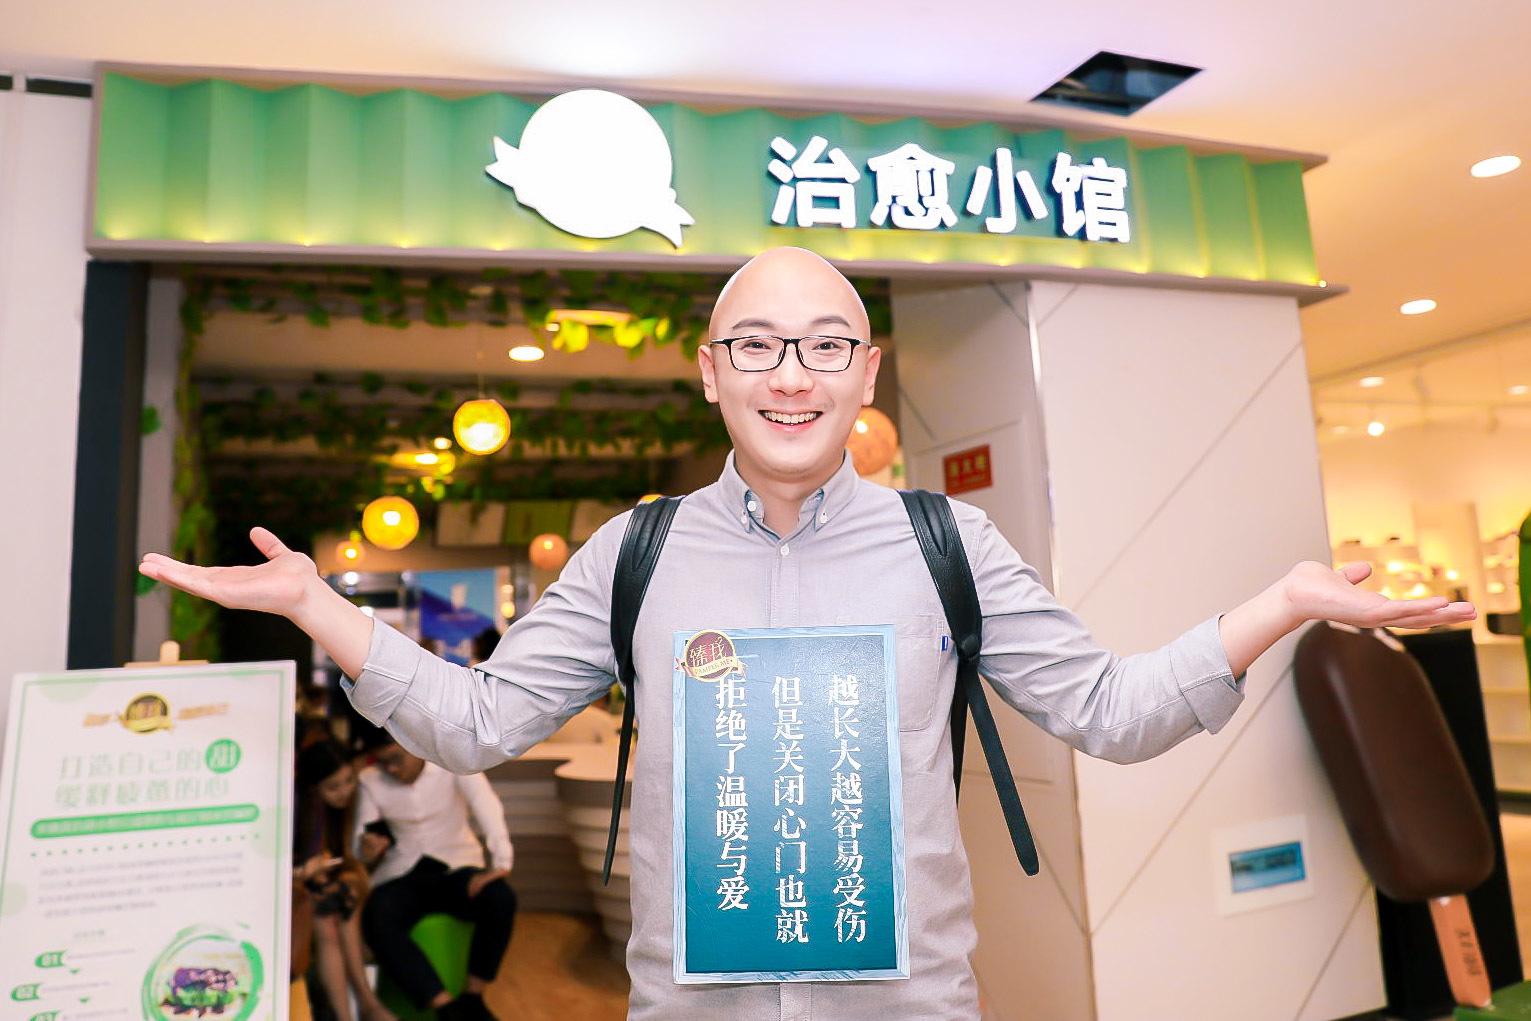 「咬你时什么都放下了」杭州这家冰淇淋快闪店,一口吃掉不开心!